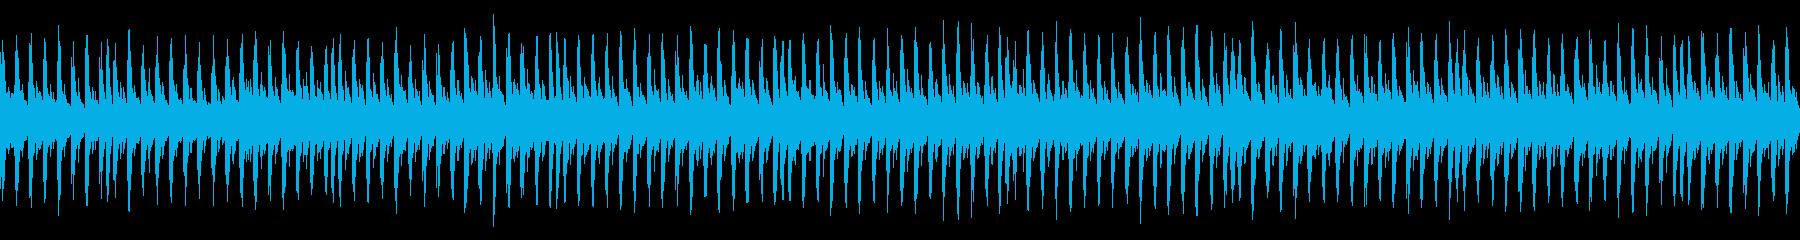 緊迫感のある場面でのBGMなどにの再生済みの波形